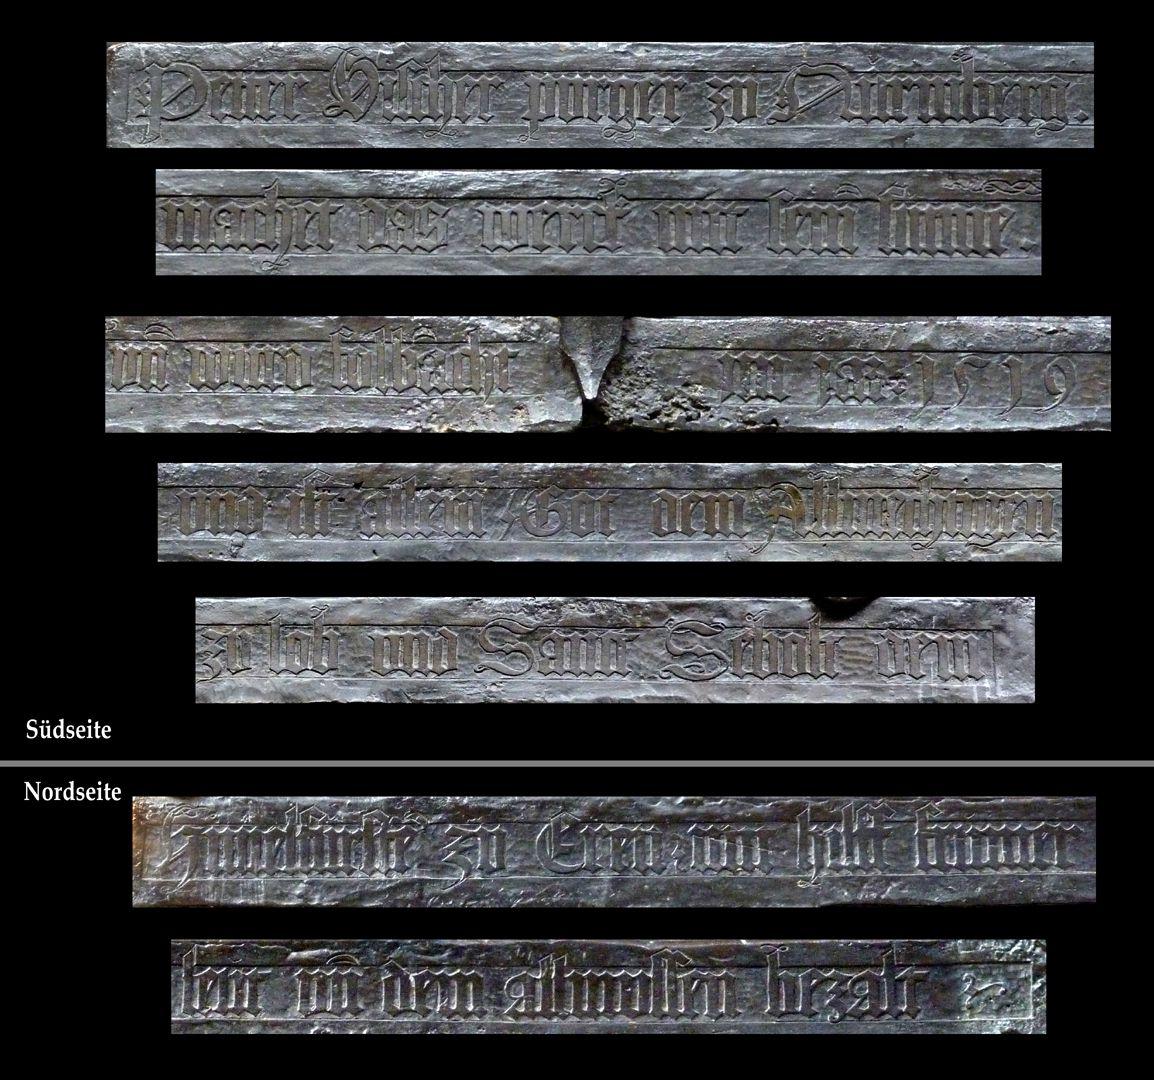 St. Sebaldus Tomb Am Sockel: Petter Vischer purger zu Nurmberg.machet das werck mit sein[en] sunne[n]. un[d] wurd folb[r]acht im jar 1519 und ist allein Got dem Allmechtigen zu lob und Sanct Sebolt dem Himelfürste[n] zu Eren mit hilff frumer leut un[d] dem allmussen bezalt